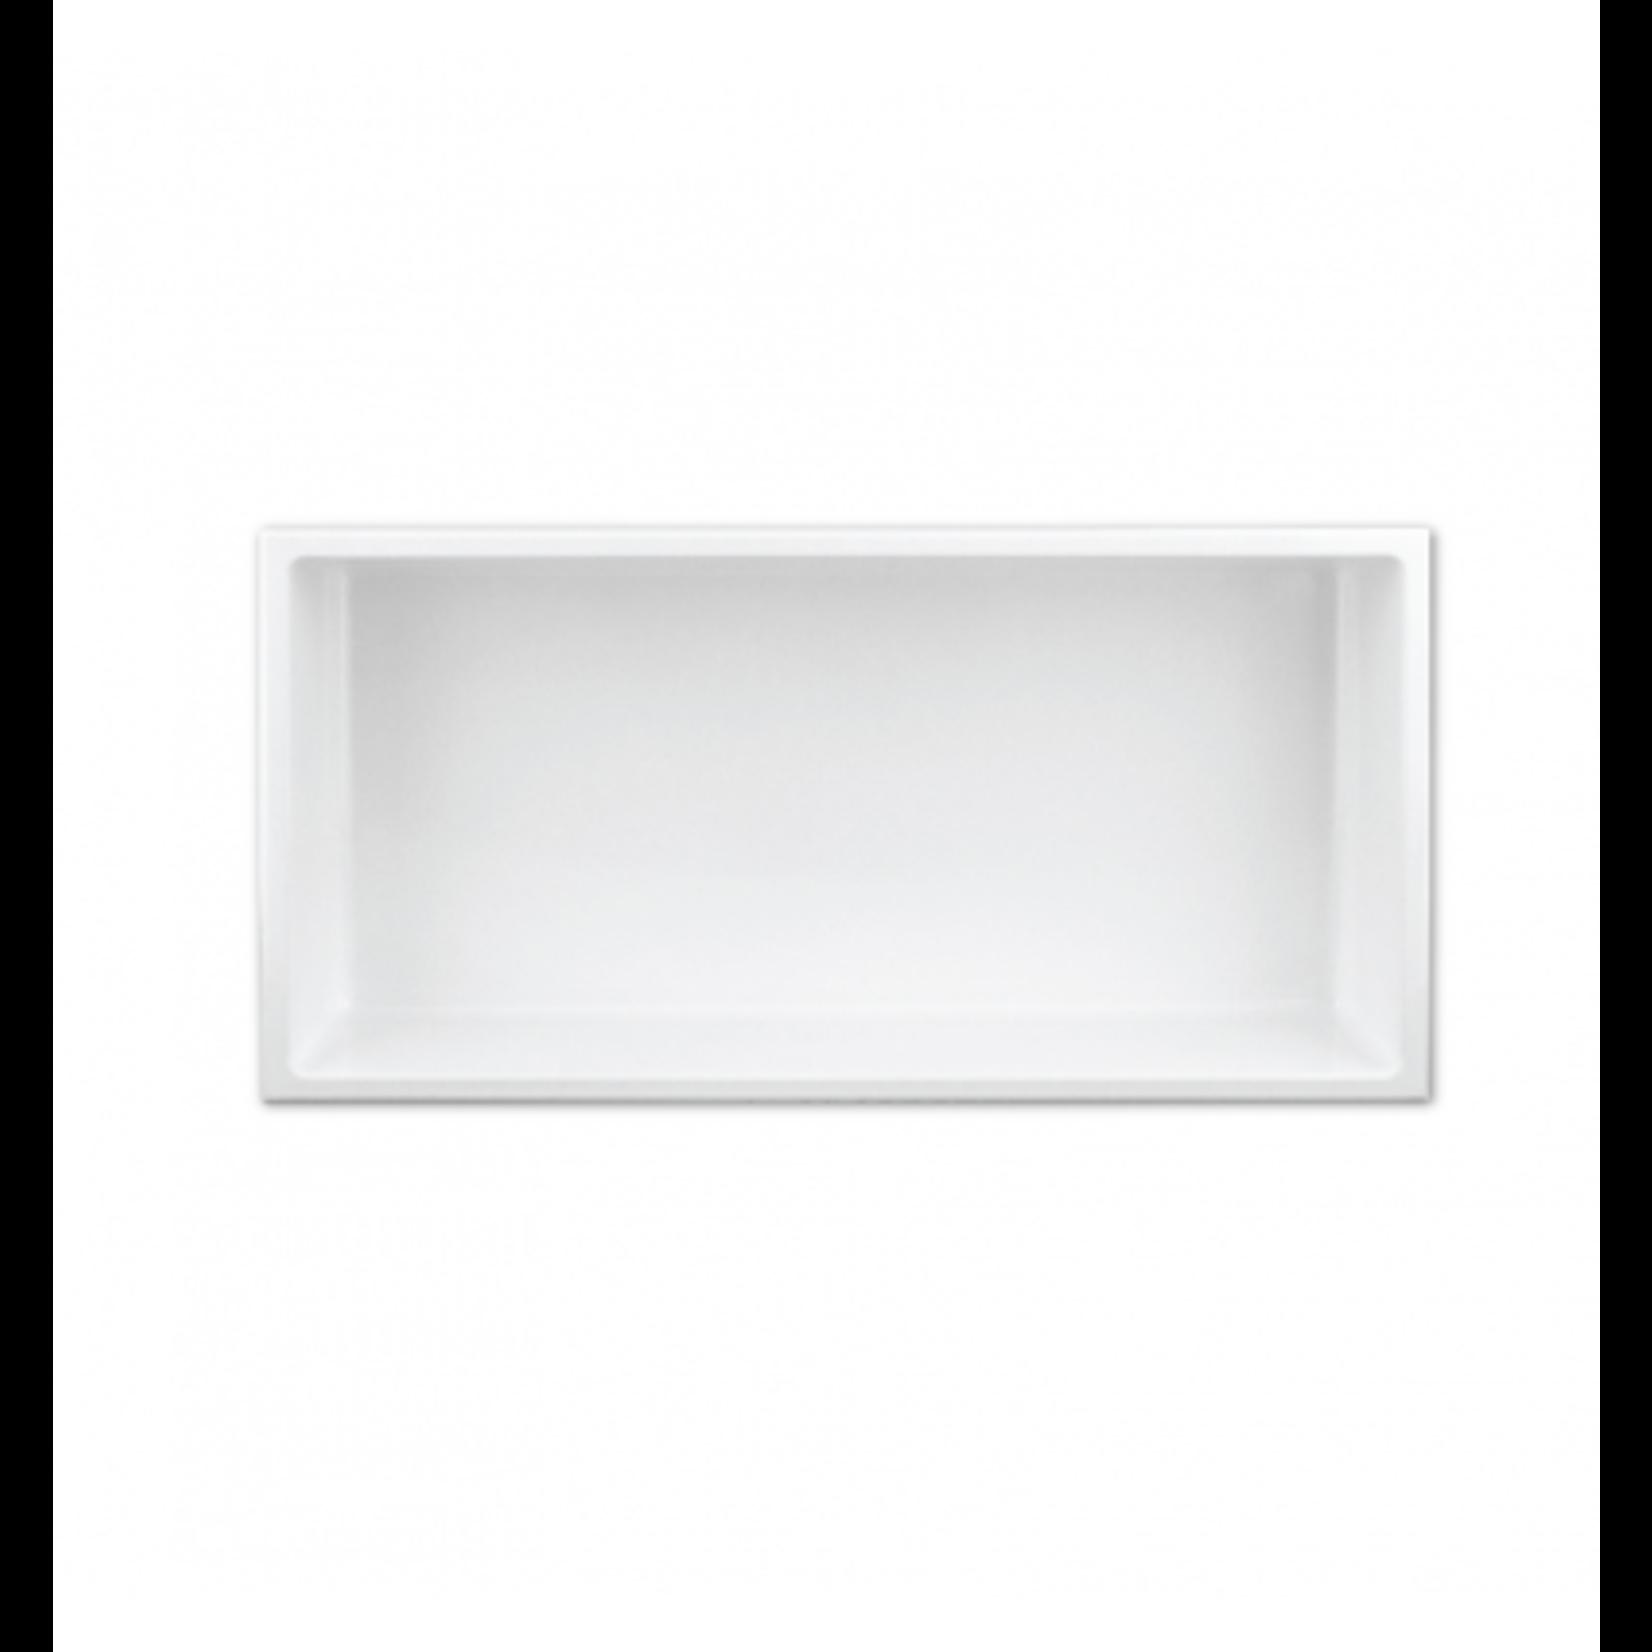 Wall niche 12x24 White Nautika NI1224W